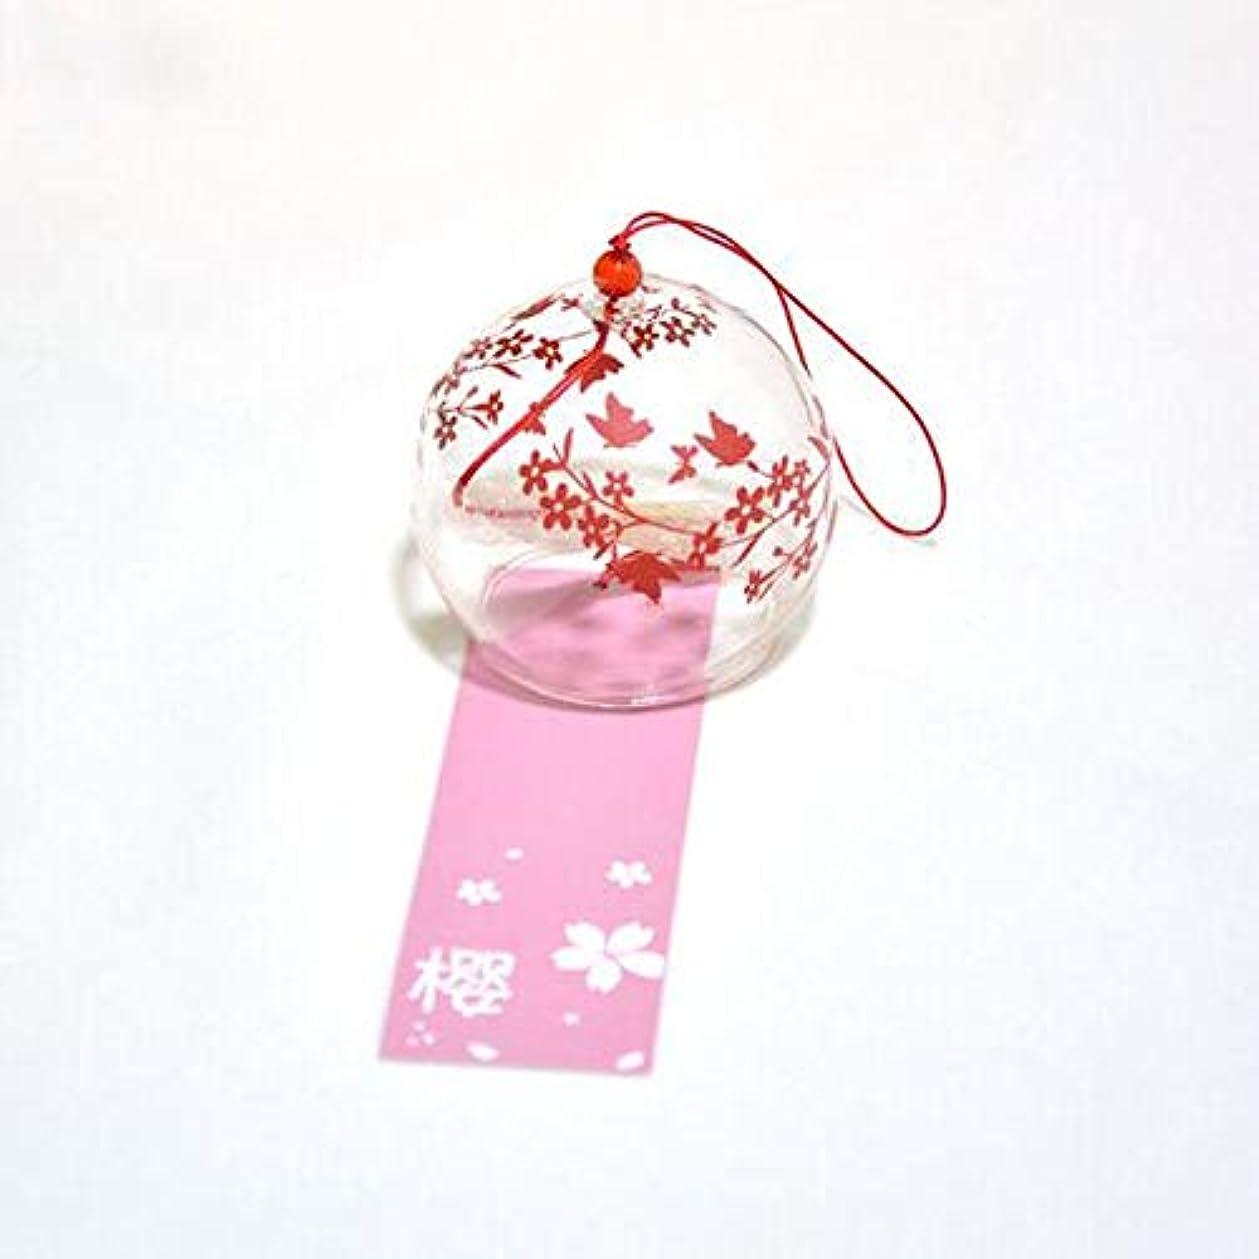 出会い光沢脅迫Aishanghuayi 風チャイム、手描きのグラス風チャイム、透明、サイズ6 * 7CM,ファッションオーナメント (Color : Red)